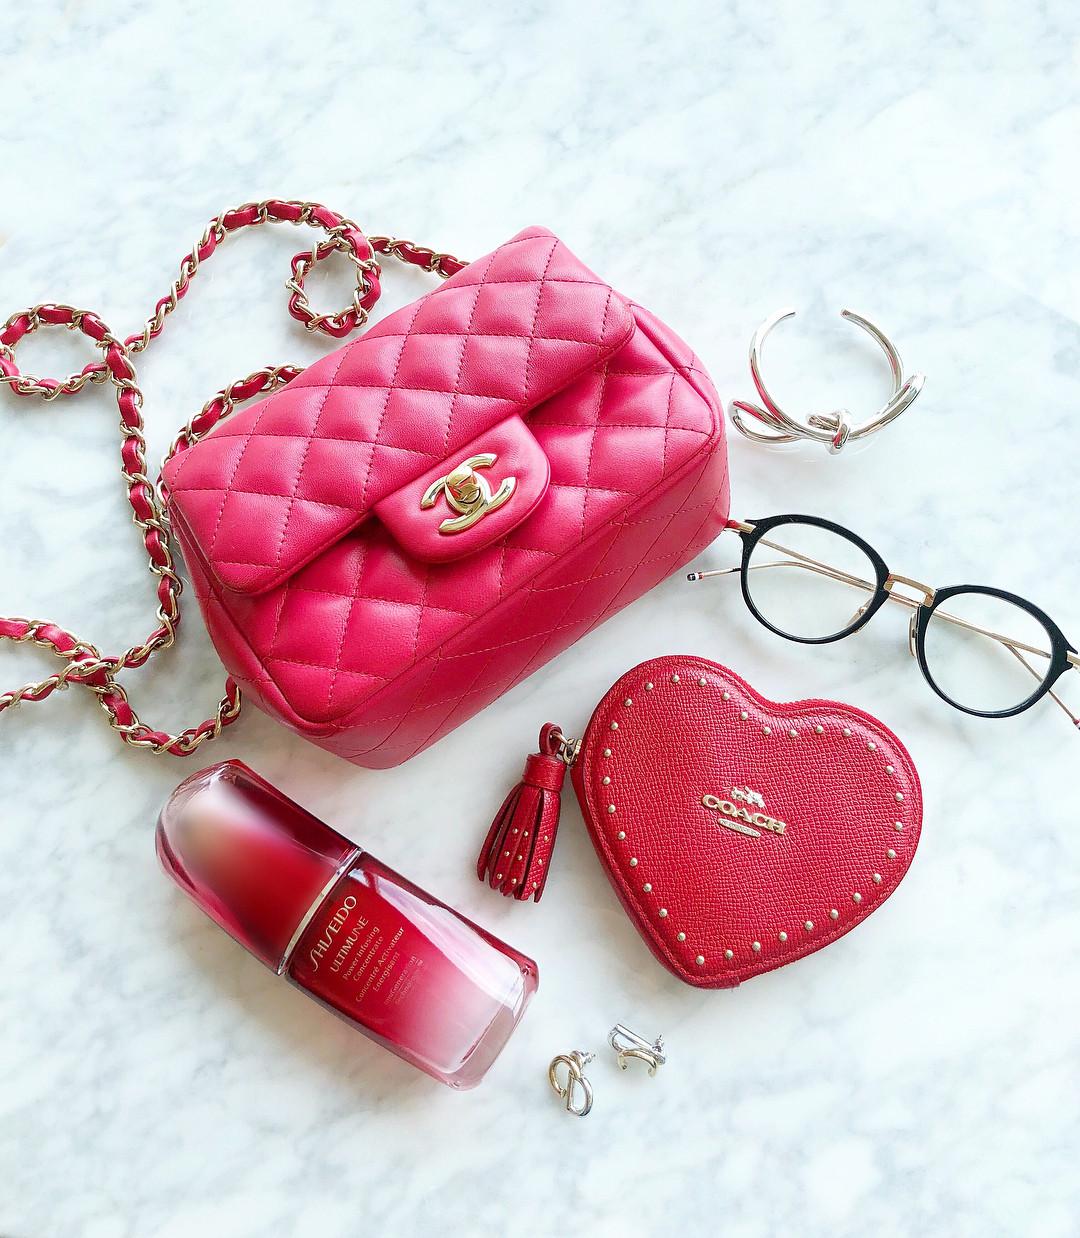 ミニ財布はインパクトカラーに挑戦するのも◎ ayumi_okabe